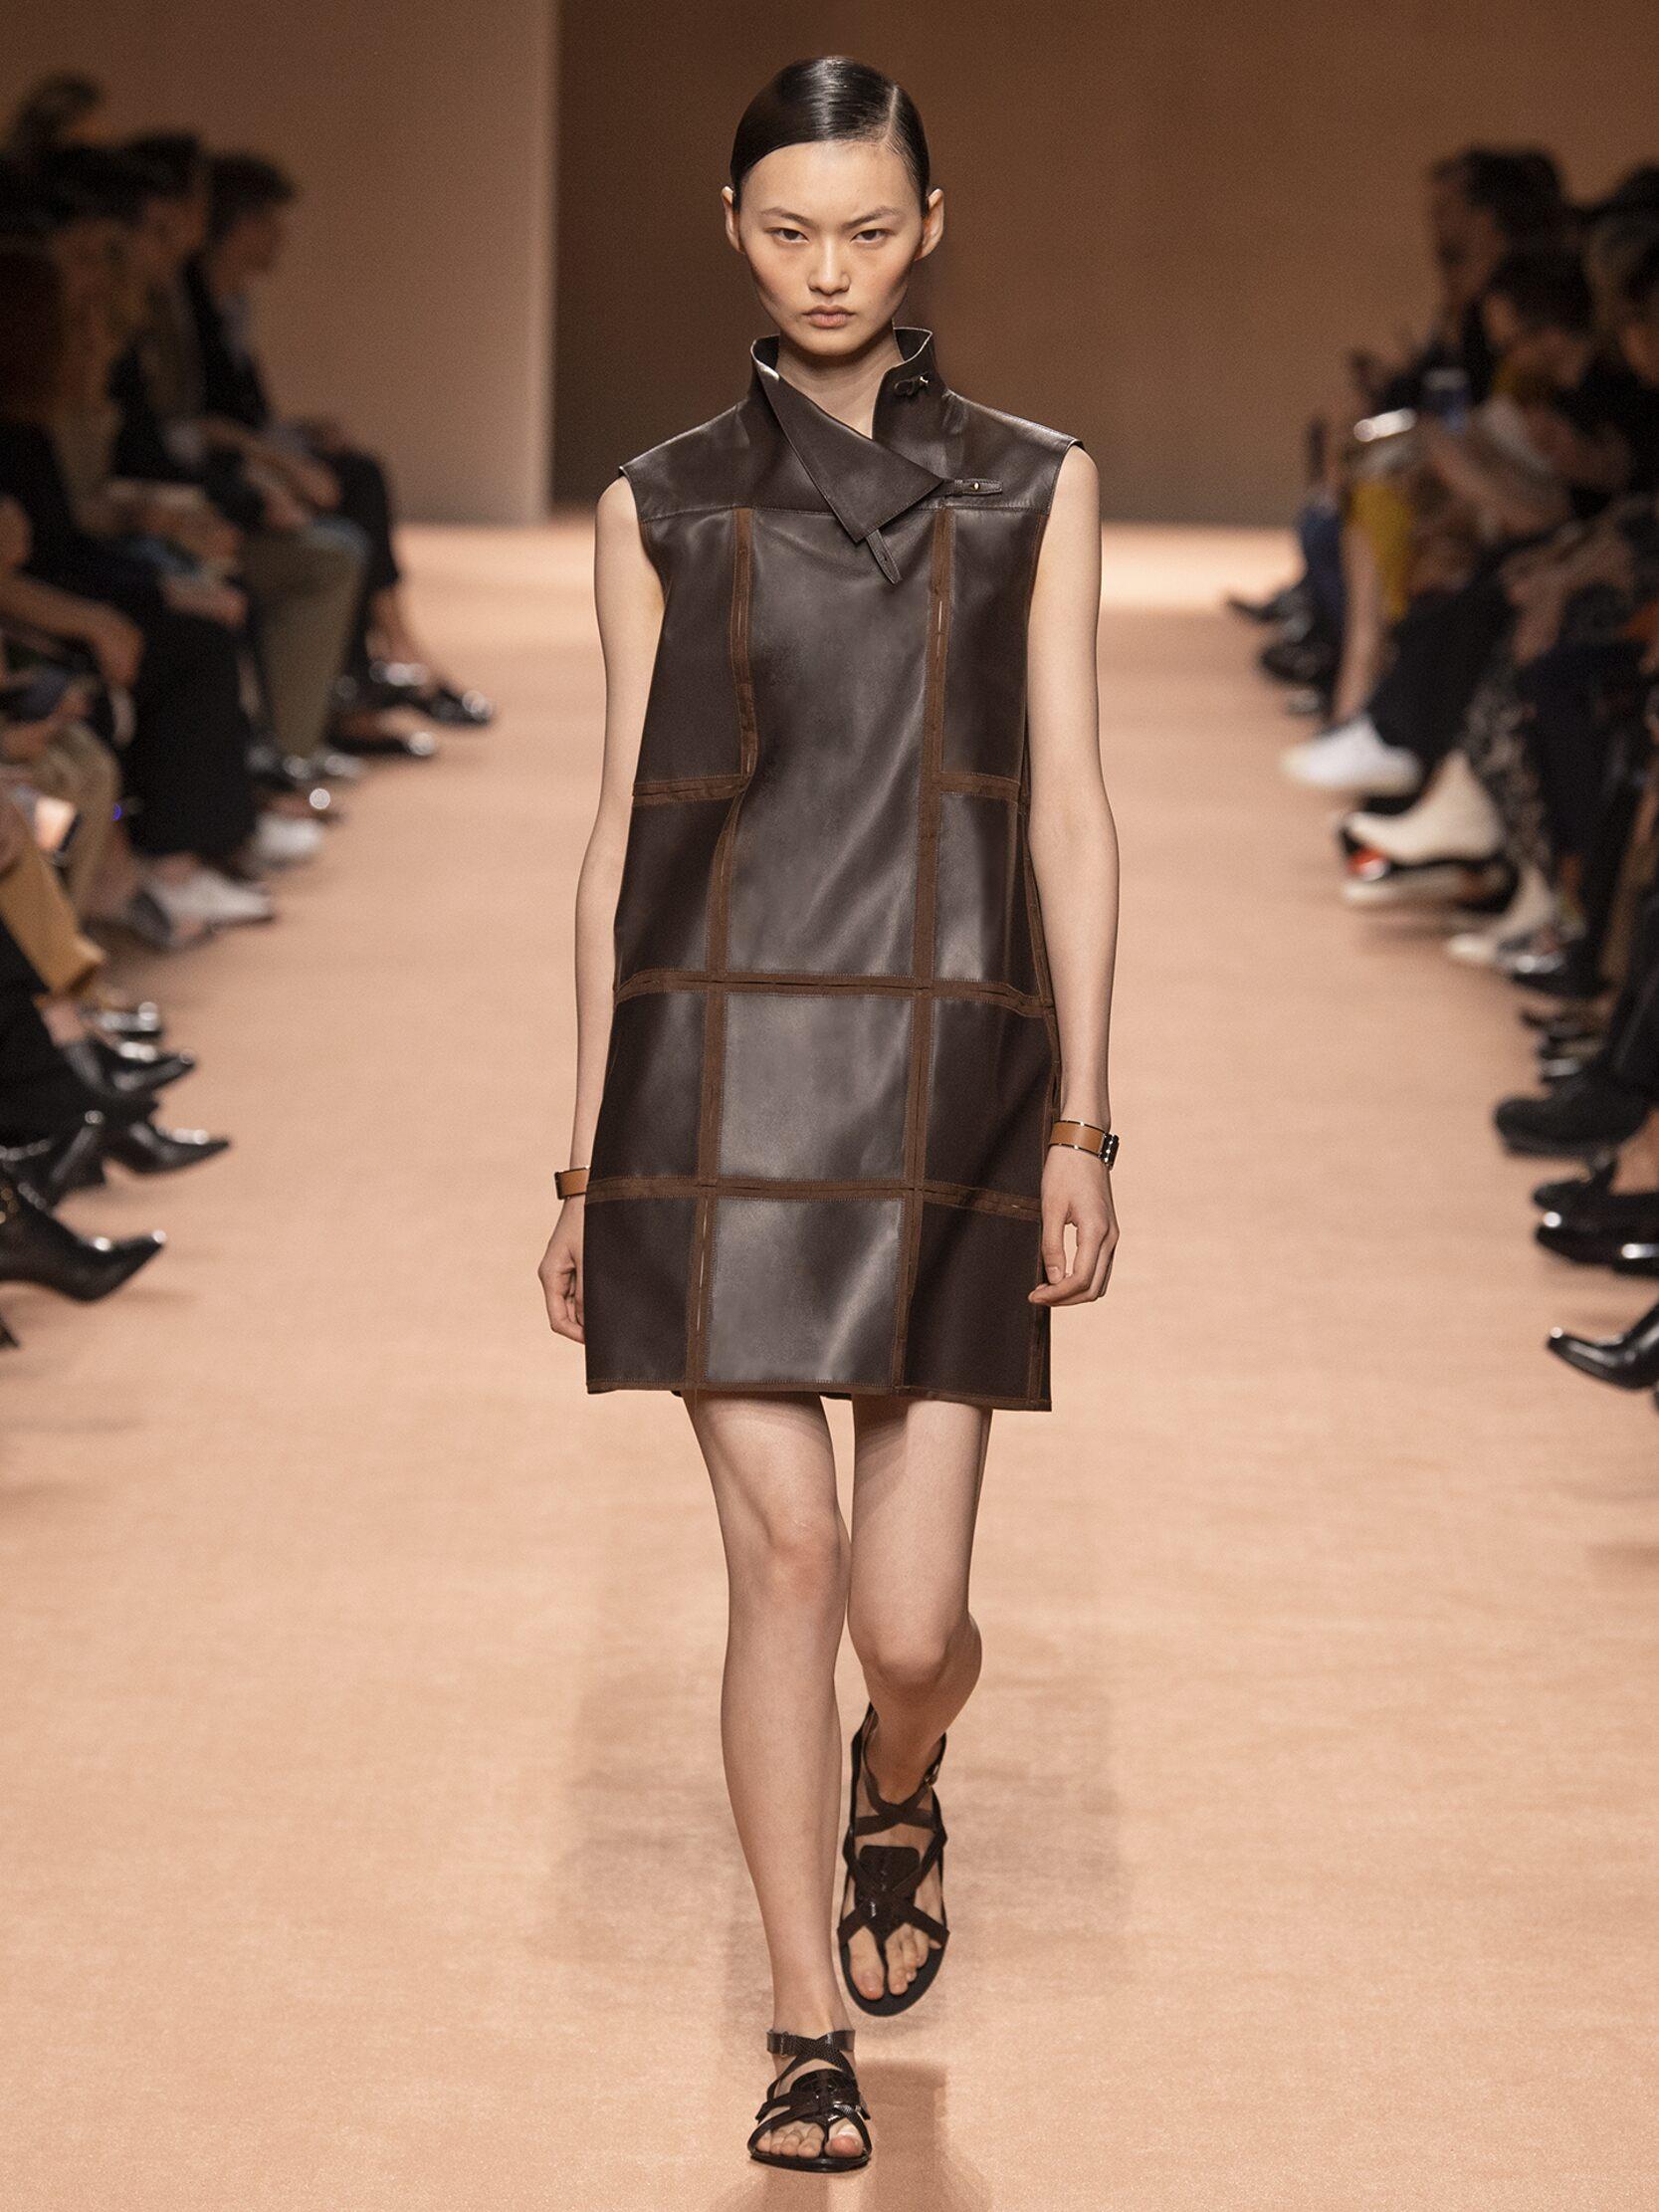 SS 2020 Hermès Fashion Show Paris Fashion Week